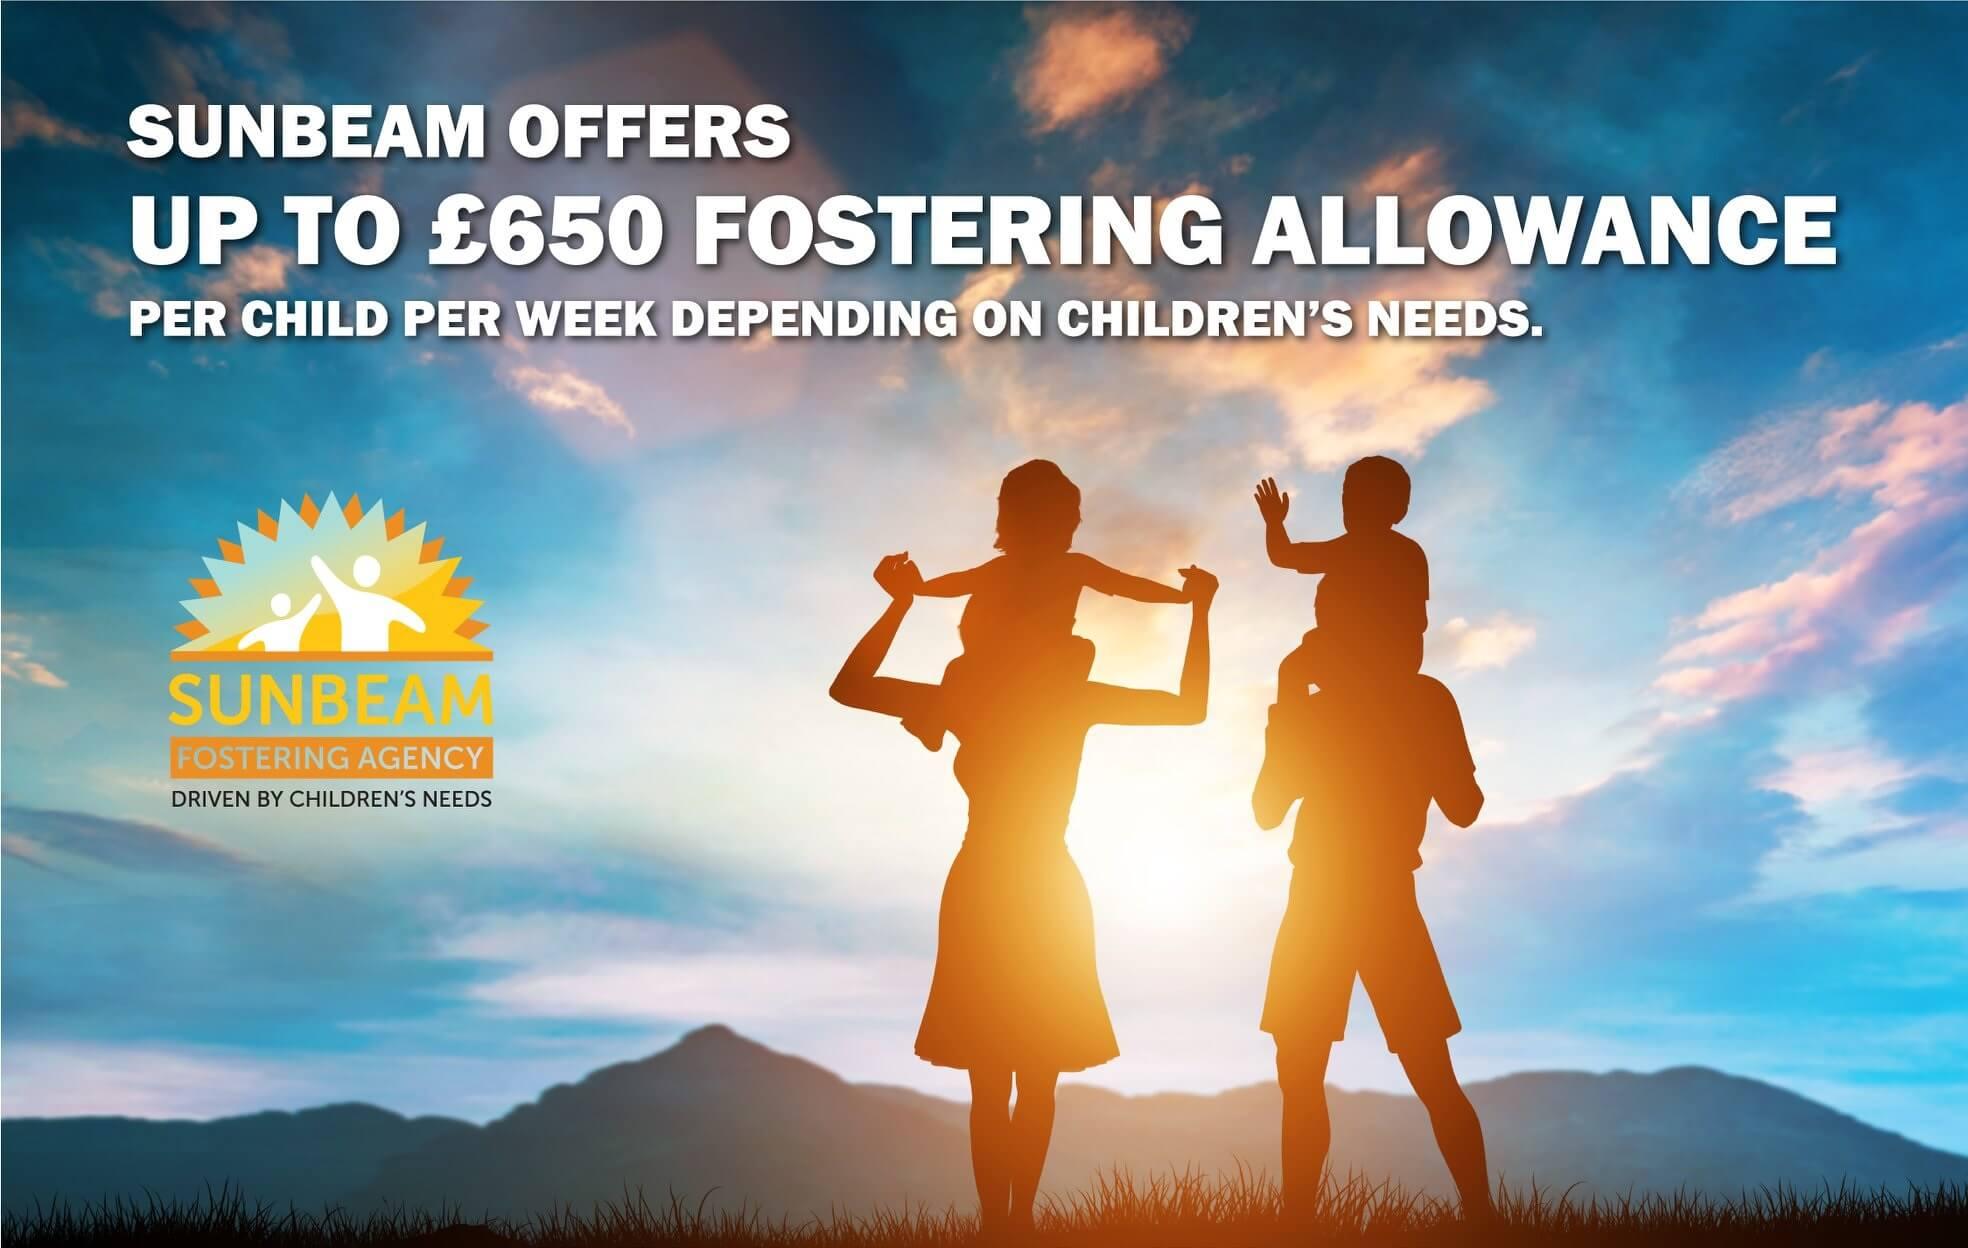 sunbeam-fostering-allowance